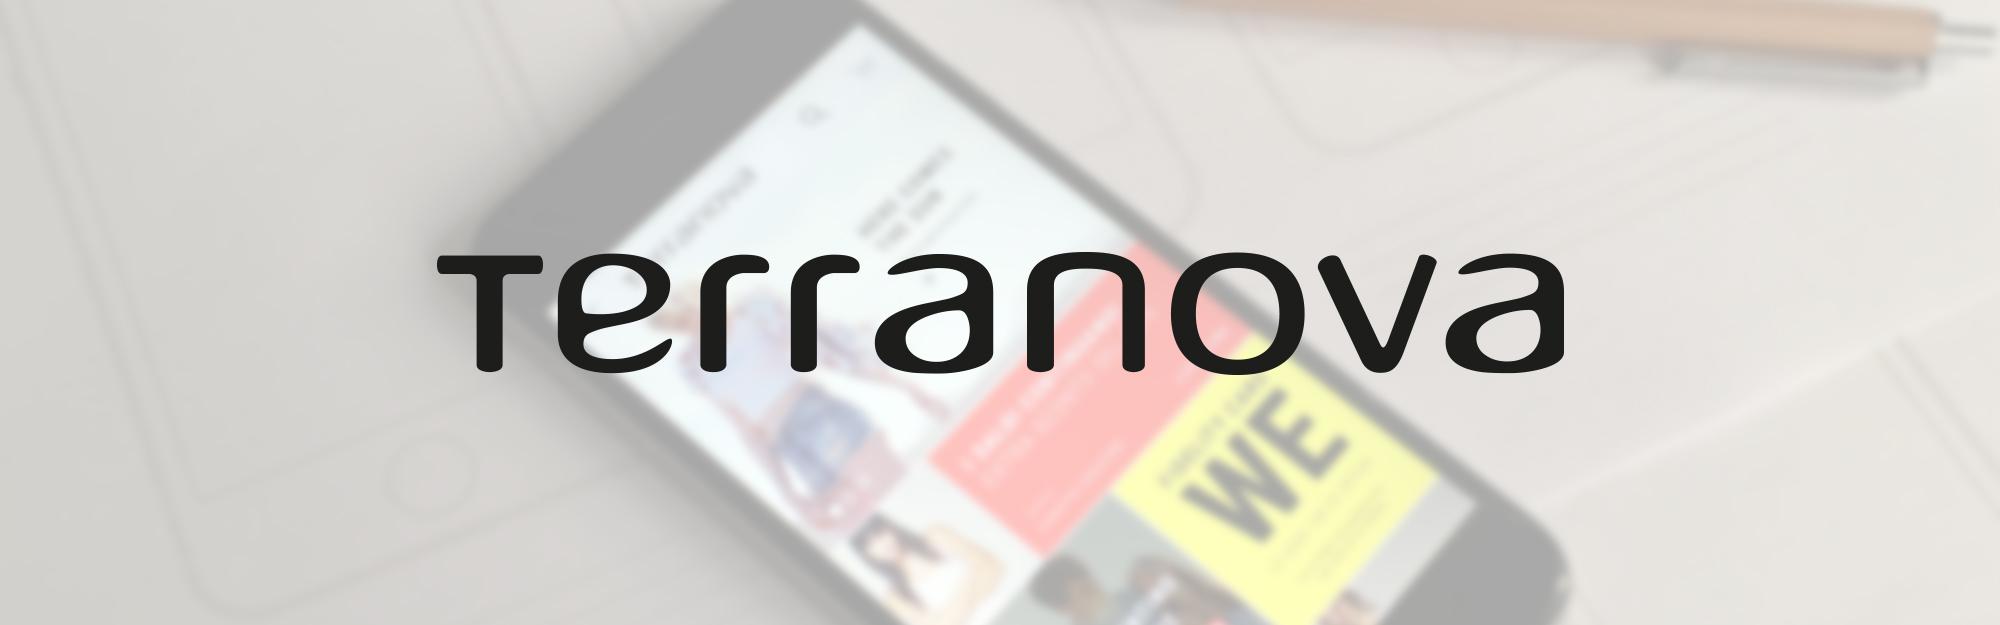 Terranova sceglie IQUII per il progetto di integrazione Mobile